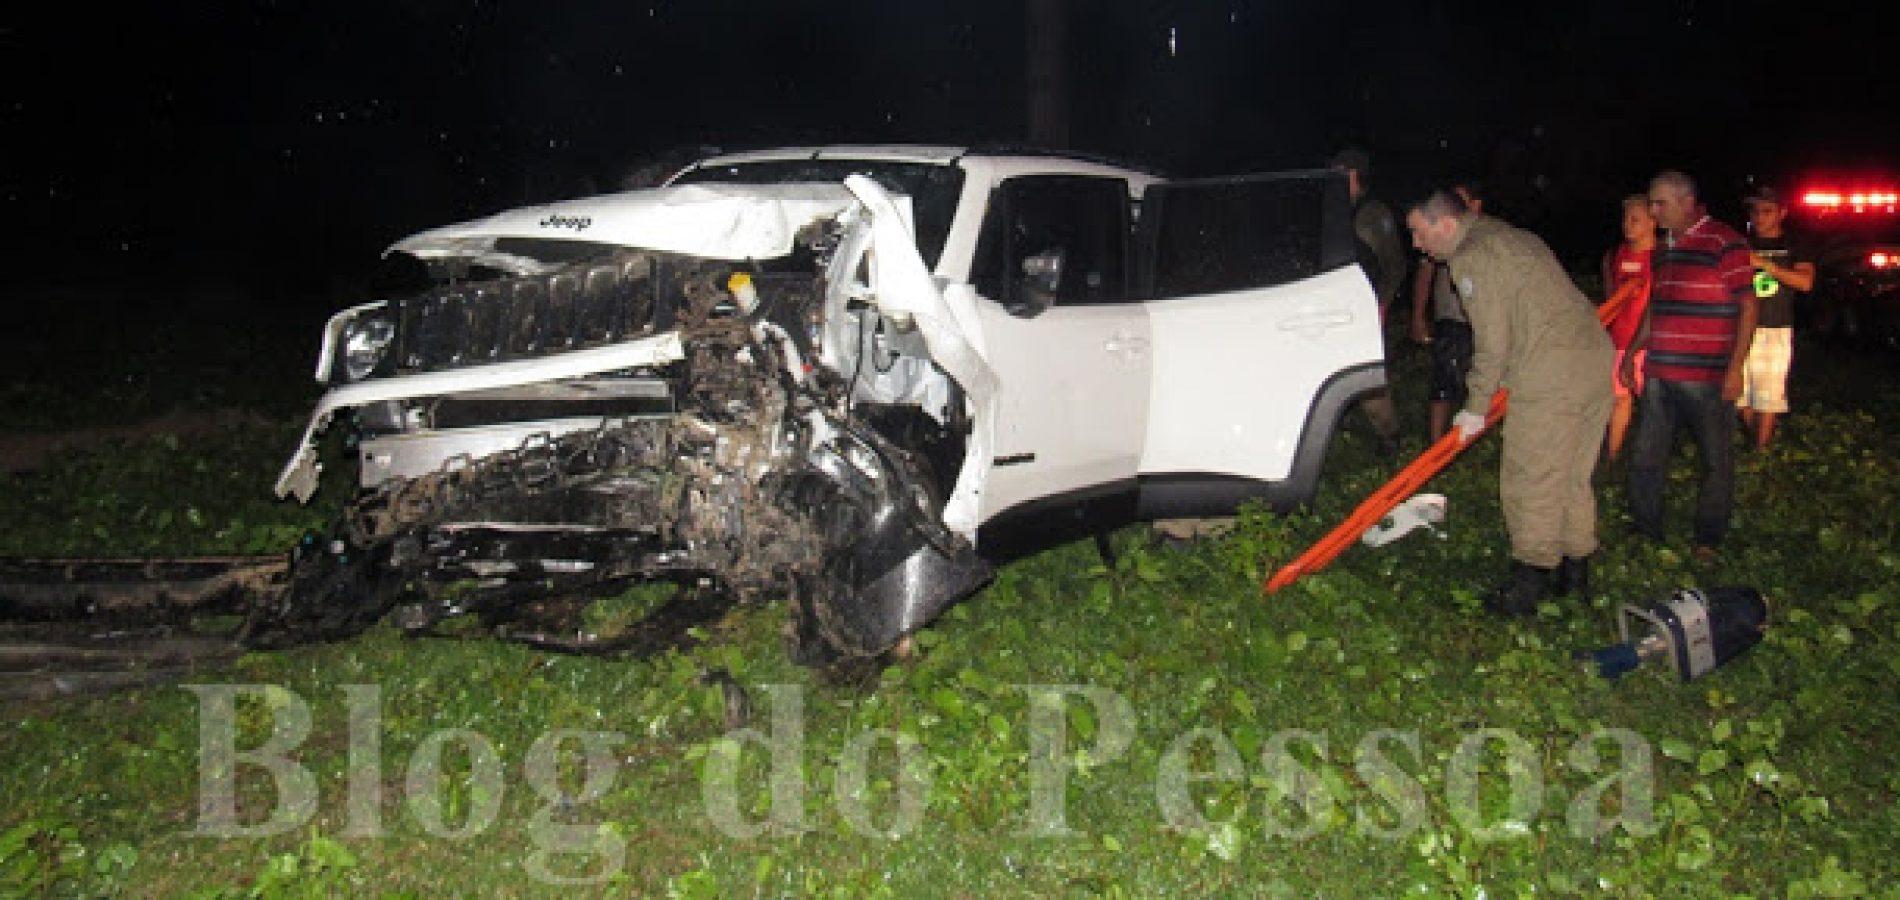 Três mulheres ficaram feridas após carro colidir com poste em rodovia